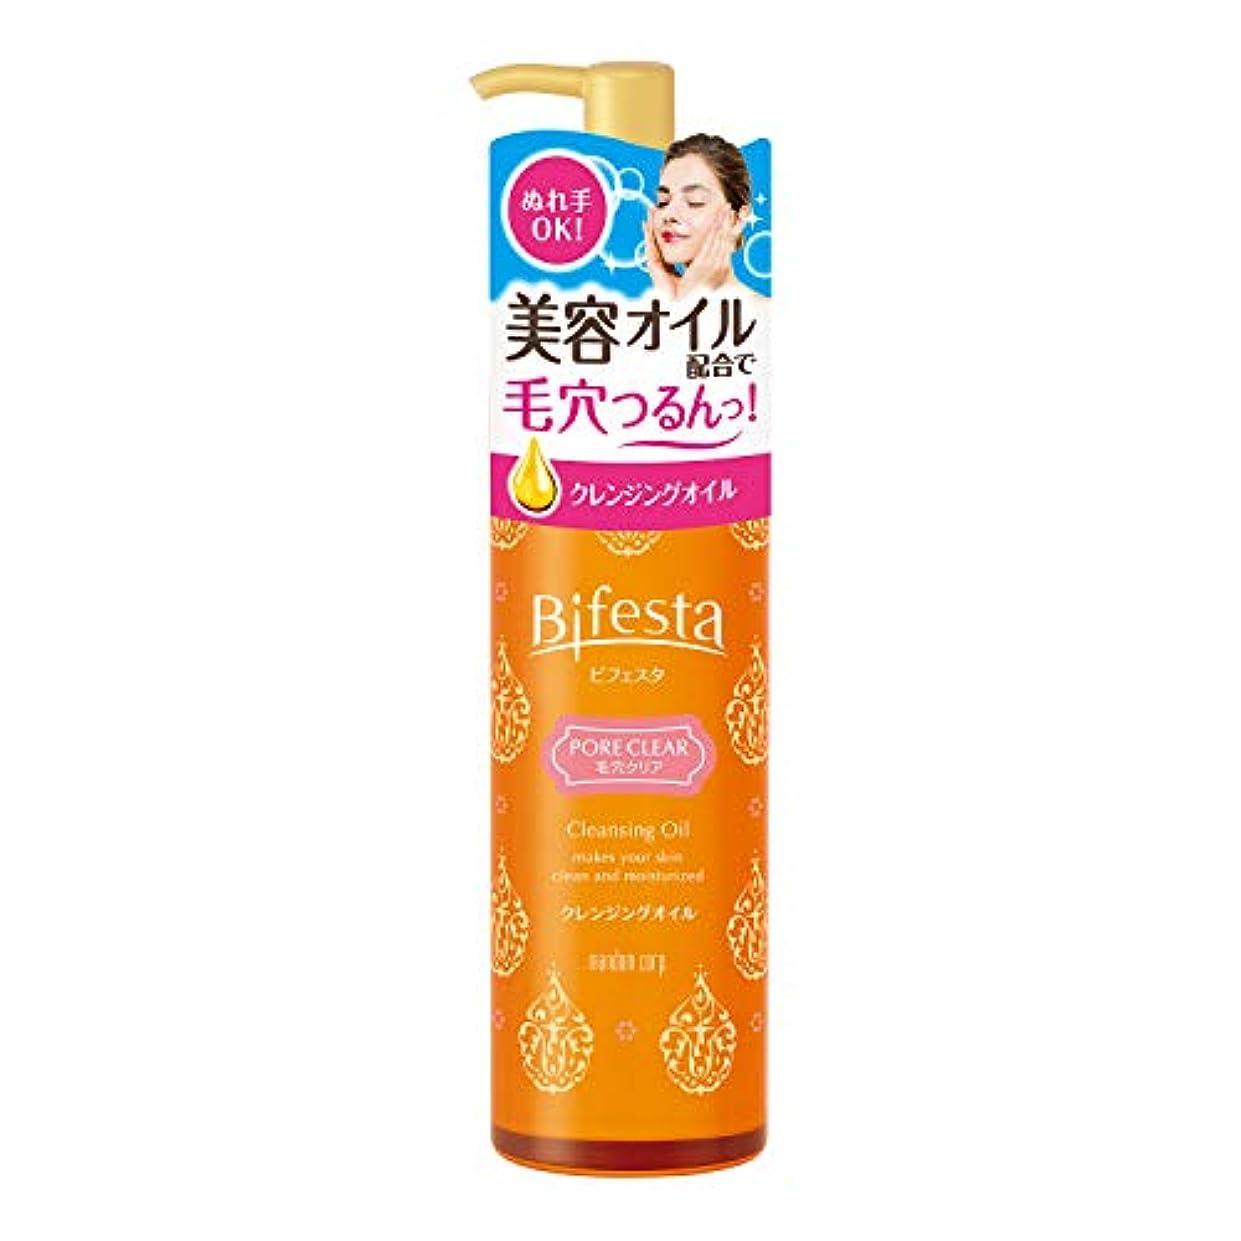 議題手当差別Bifesta(ビフェスタ) クレンジングオイル ポアクリア 230mL